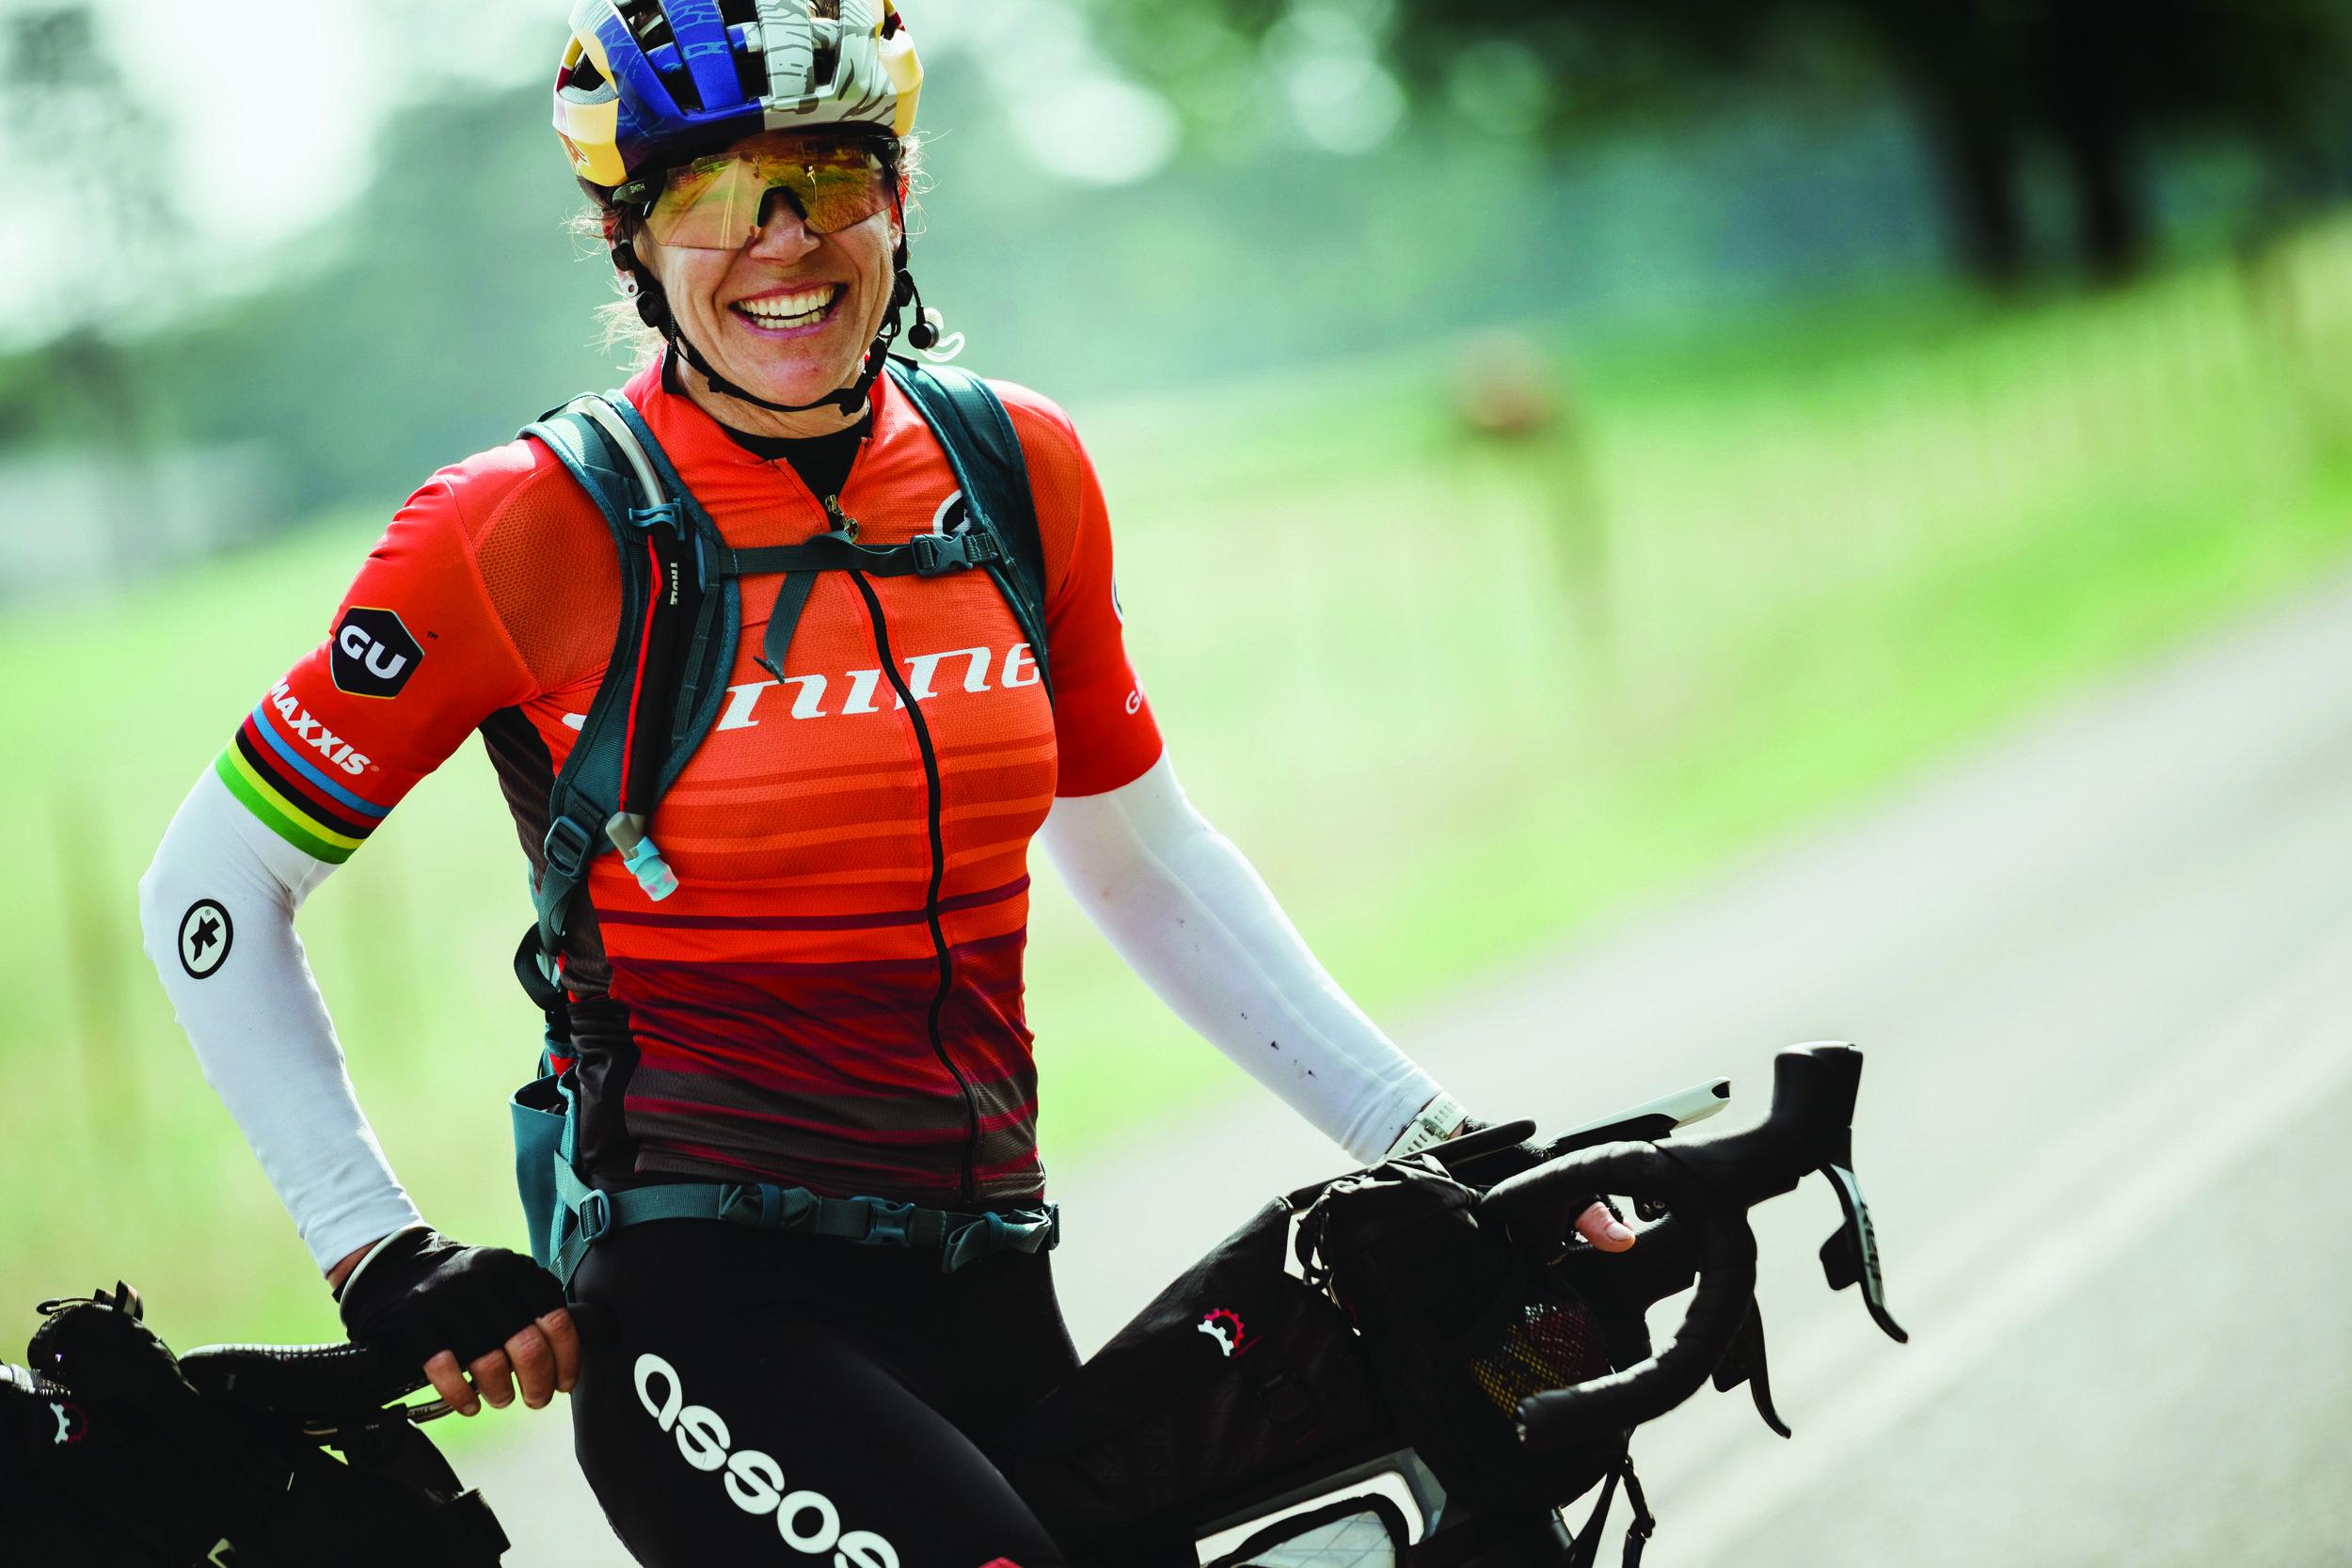 Rebecca Rusch, endurance racer